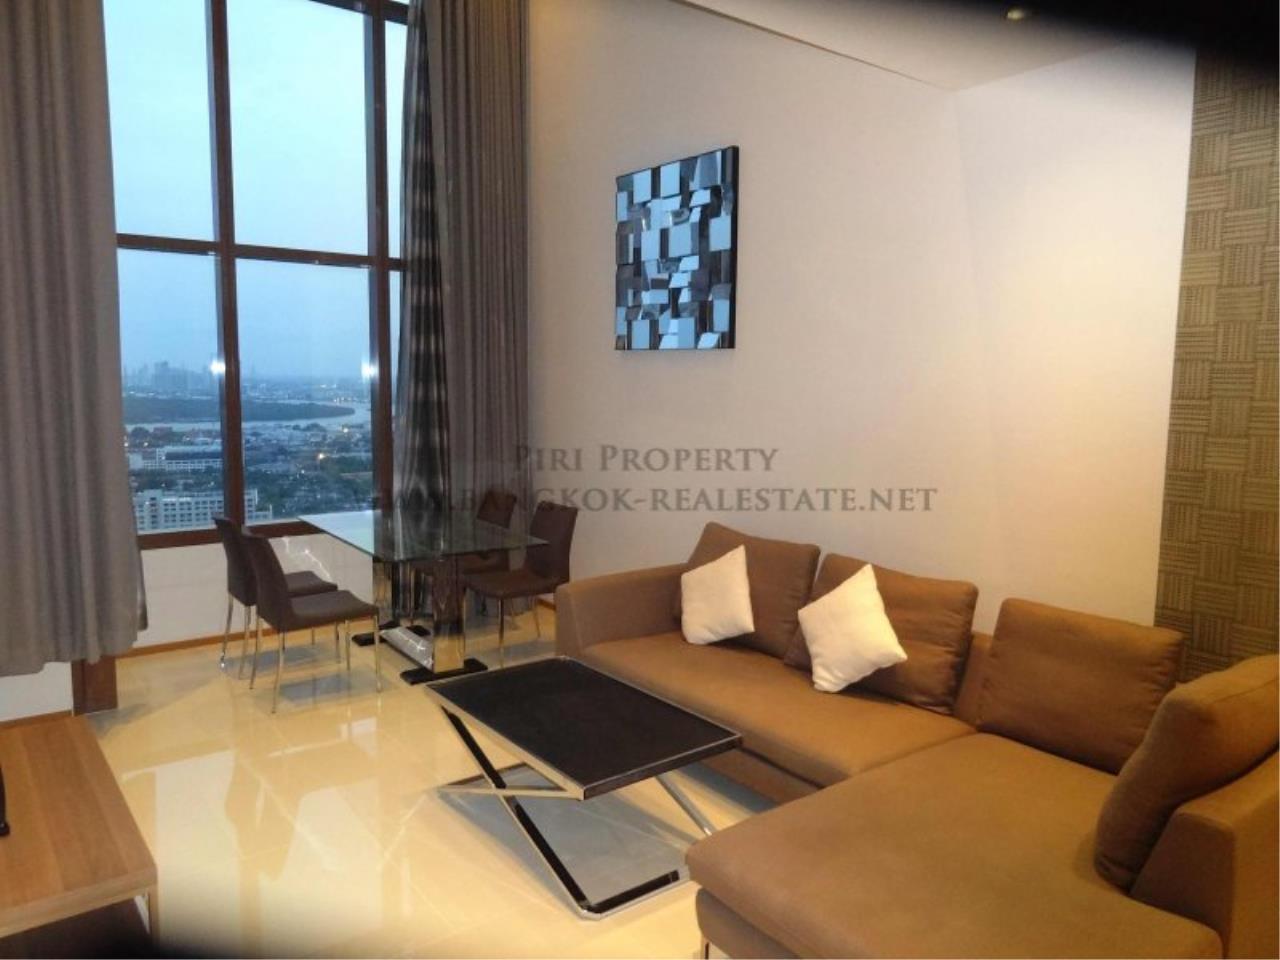 Piri Property Agency's Duplex Condo in the Emporio Place Condominium - Phrom Phong 3